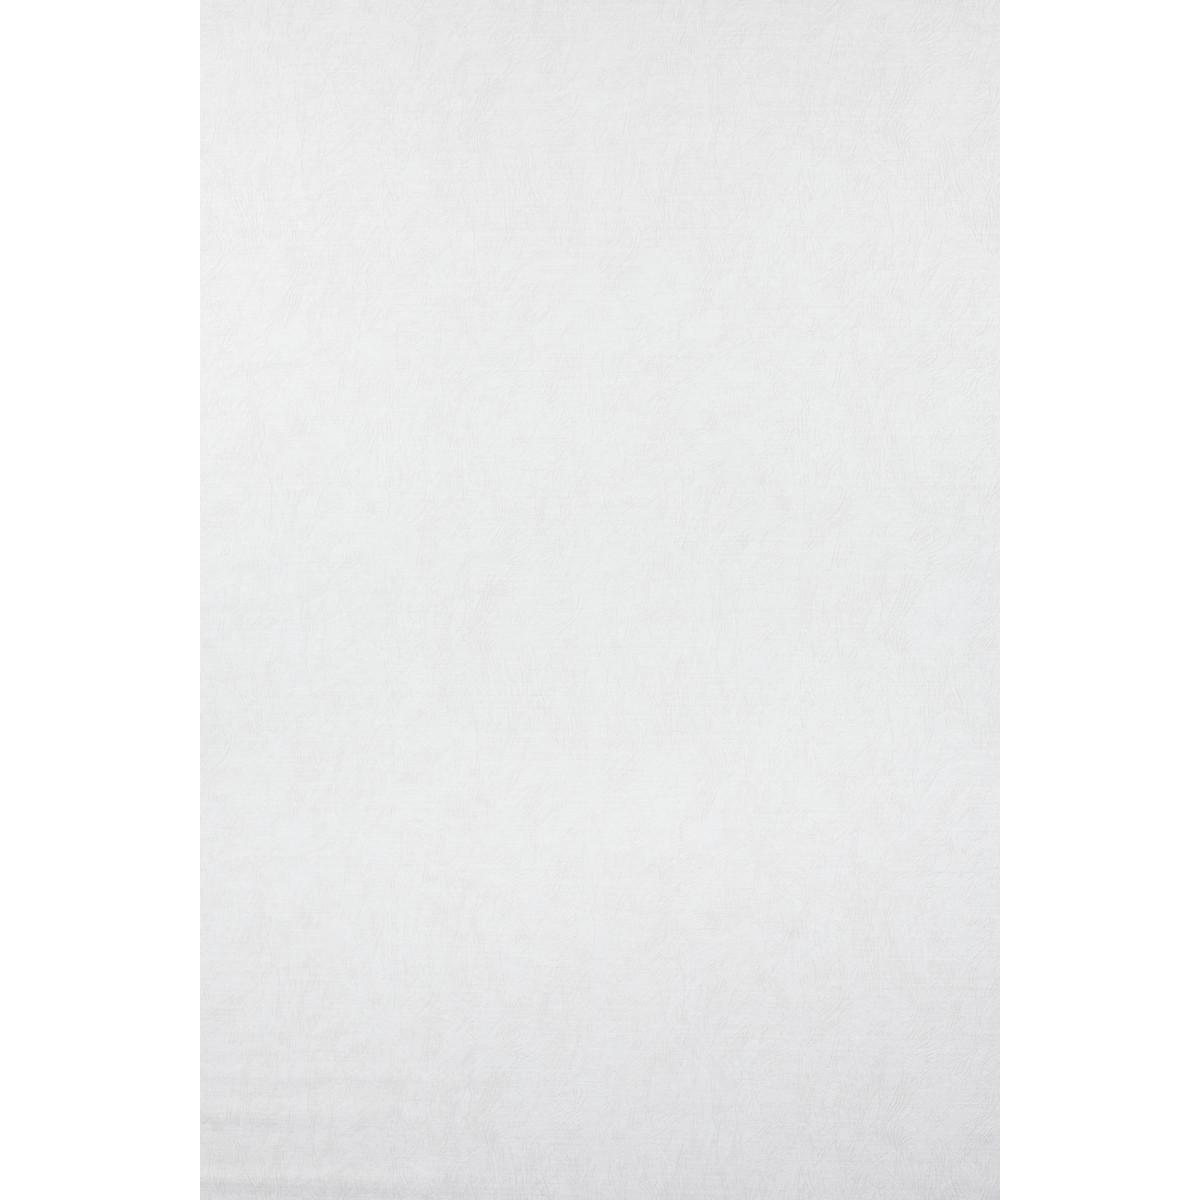 Обои флизелиновые Startdeco Амарона белые 1.06 м 998857